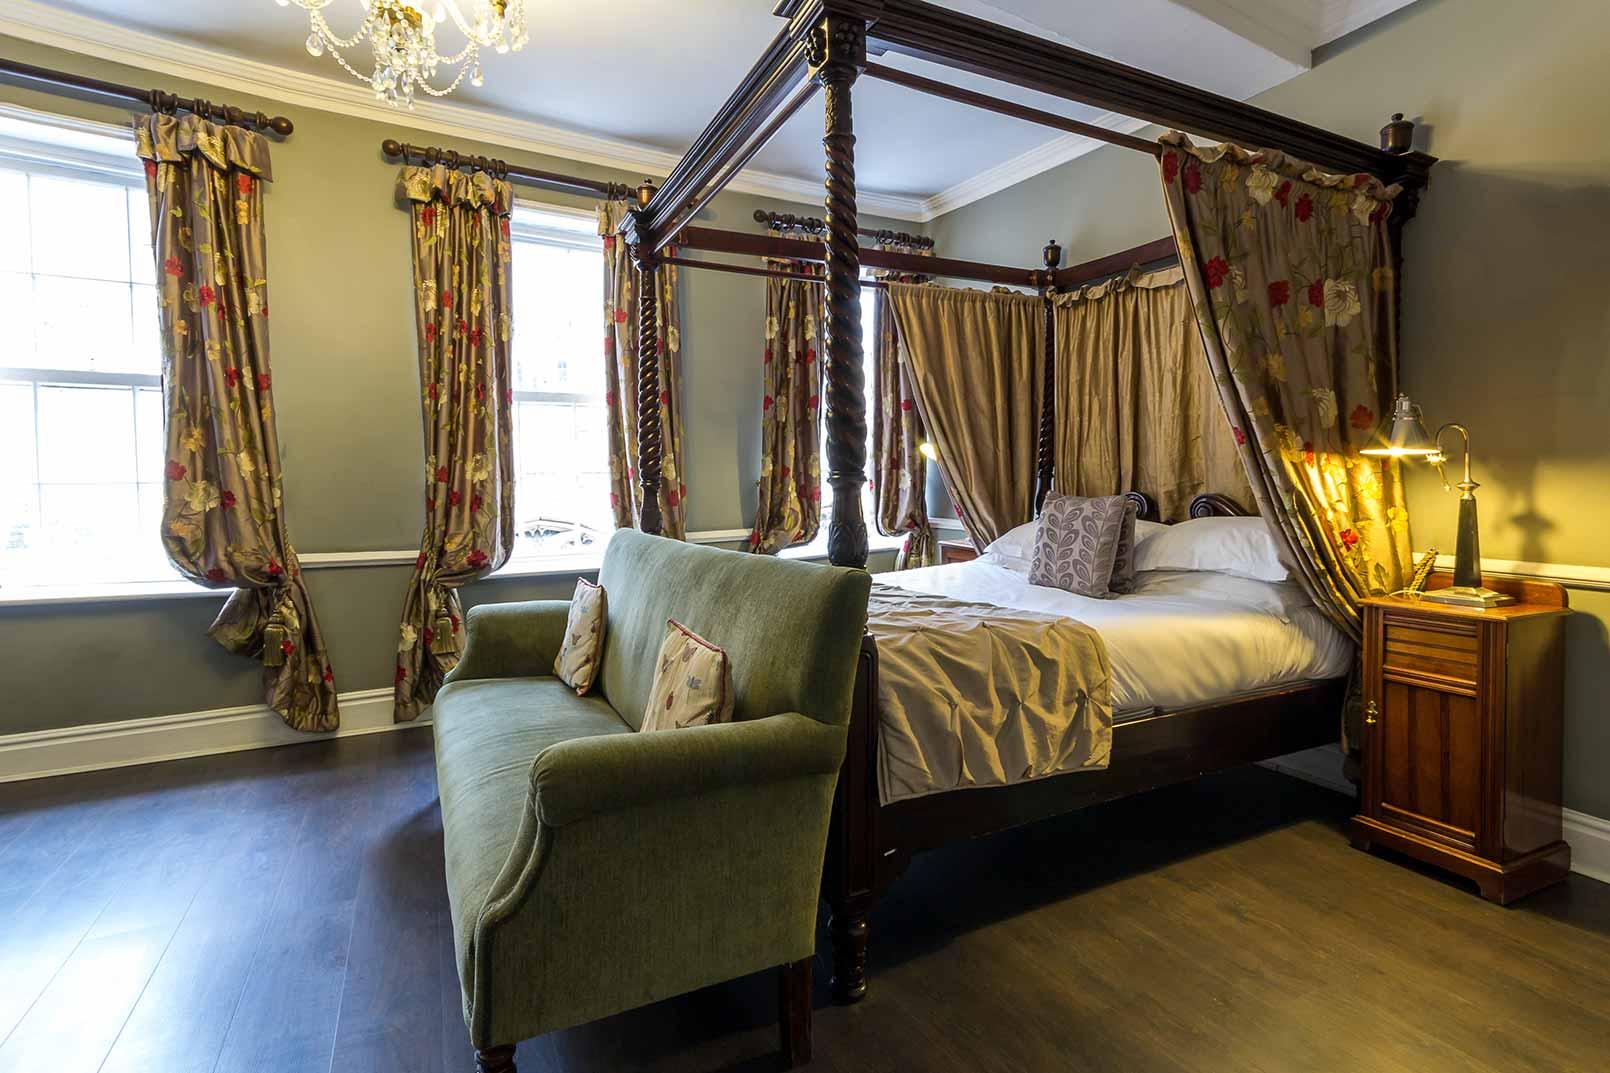 ... Guy Fawkes Inn Bedrooms 16 56101 ...